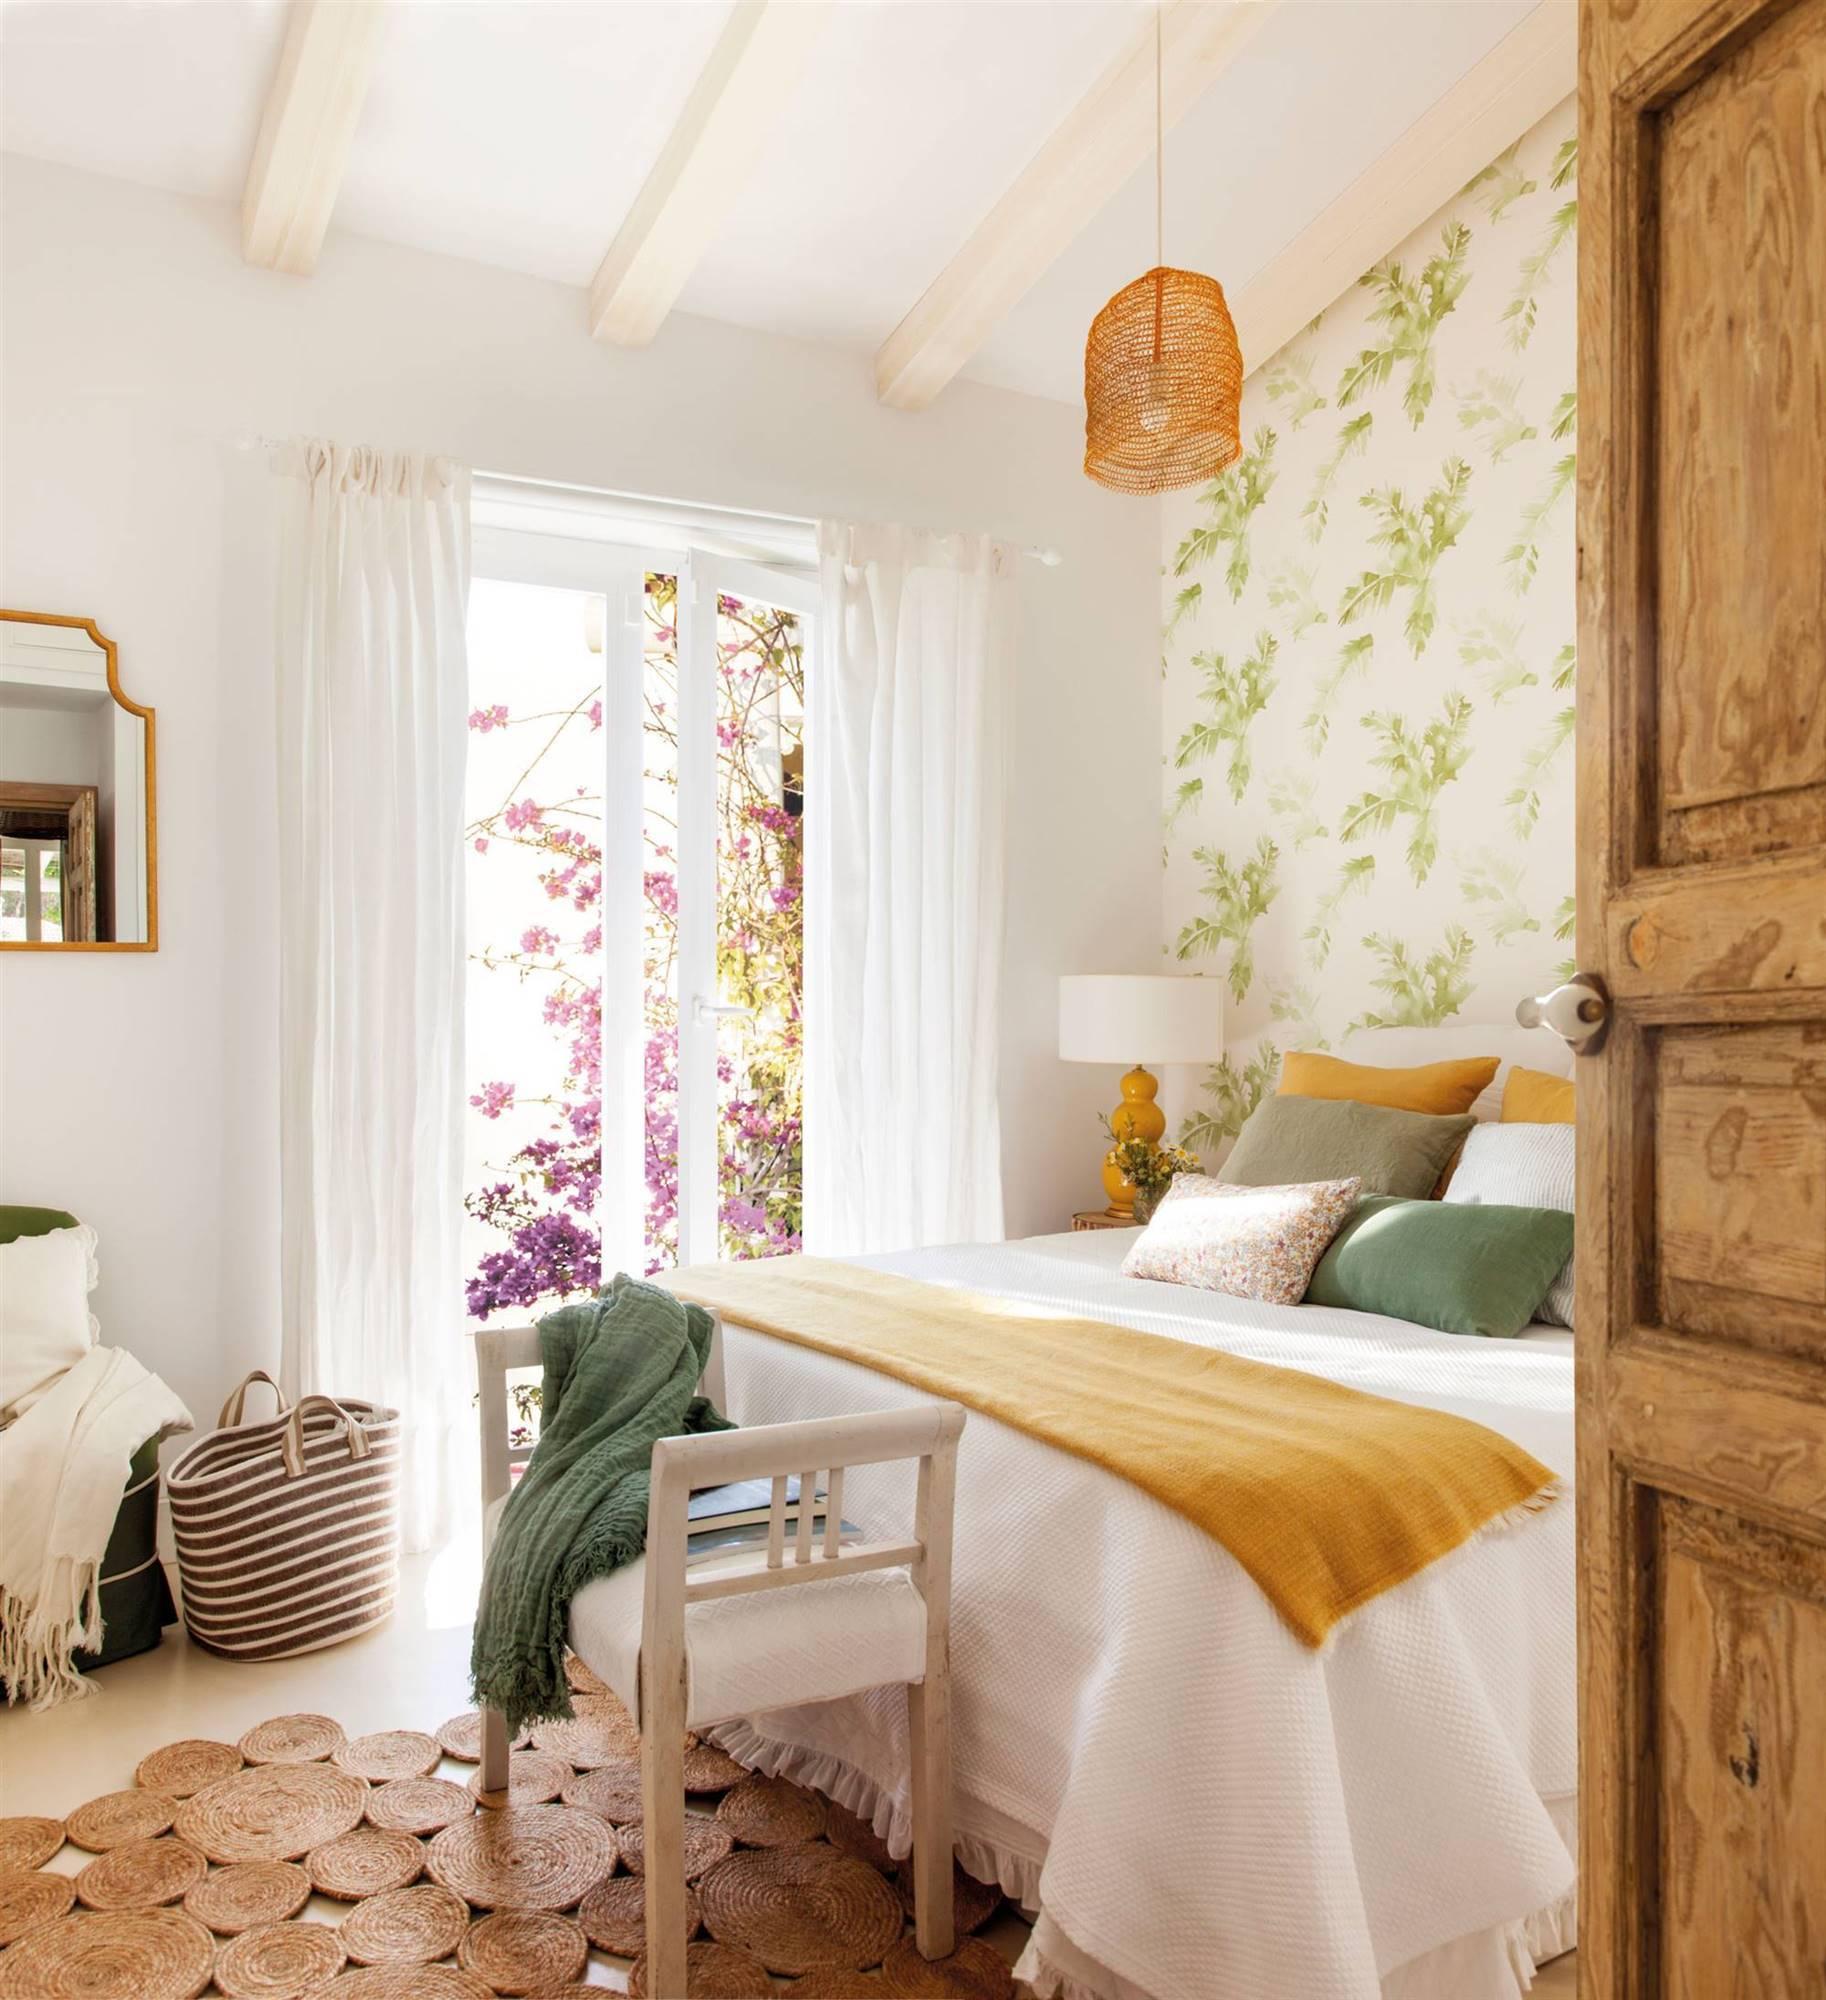 50 papeles pintados para dar vida tu casa - Papeles pintados dormitorios ...